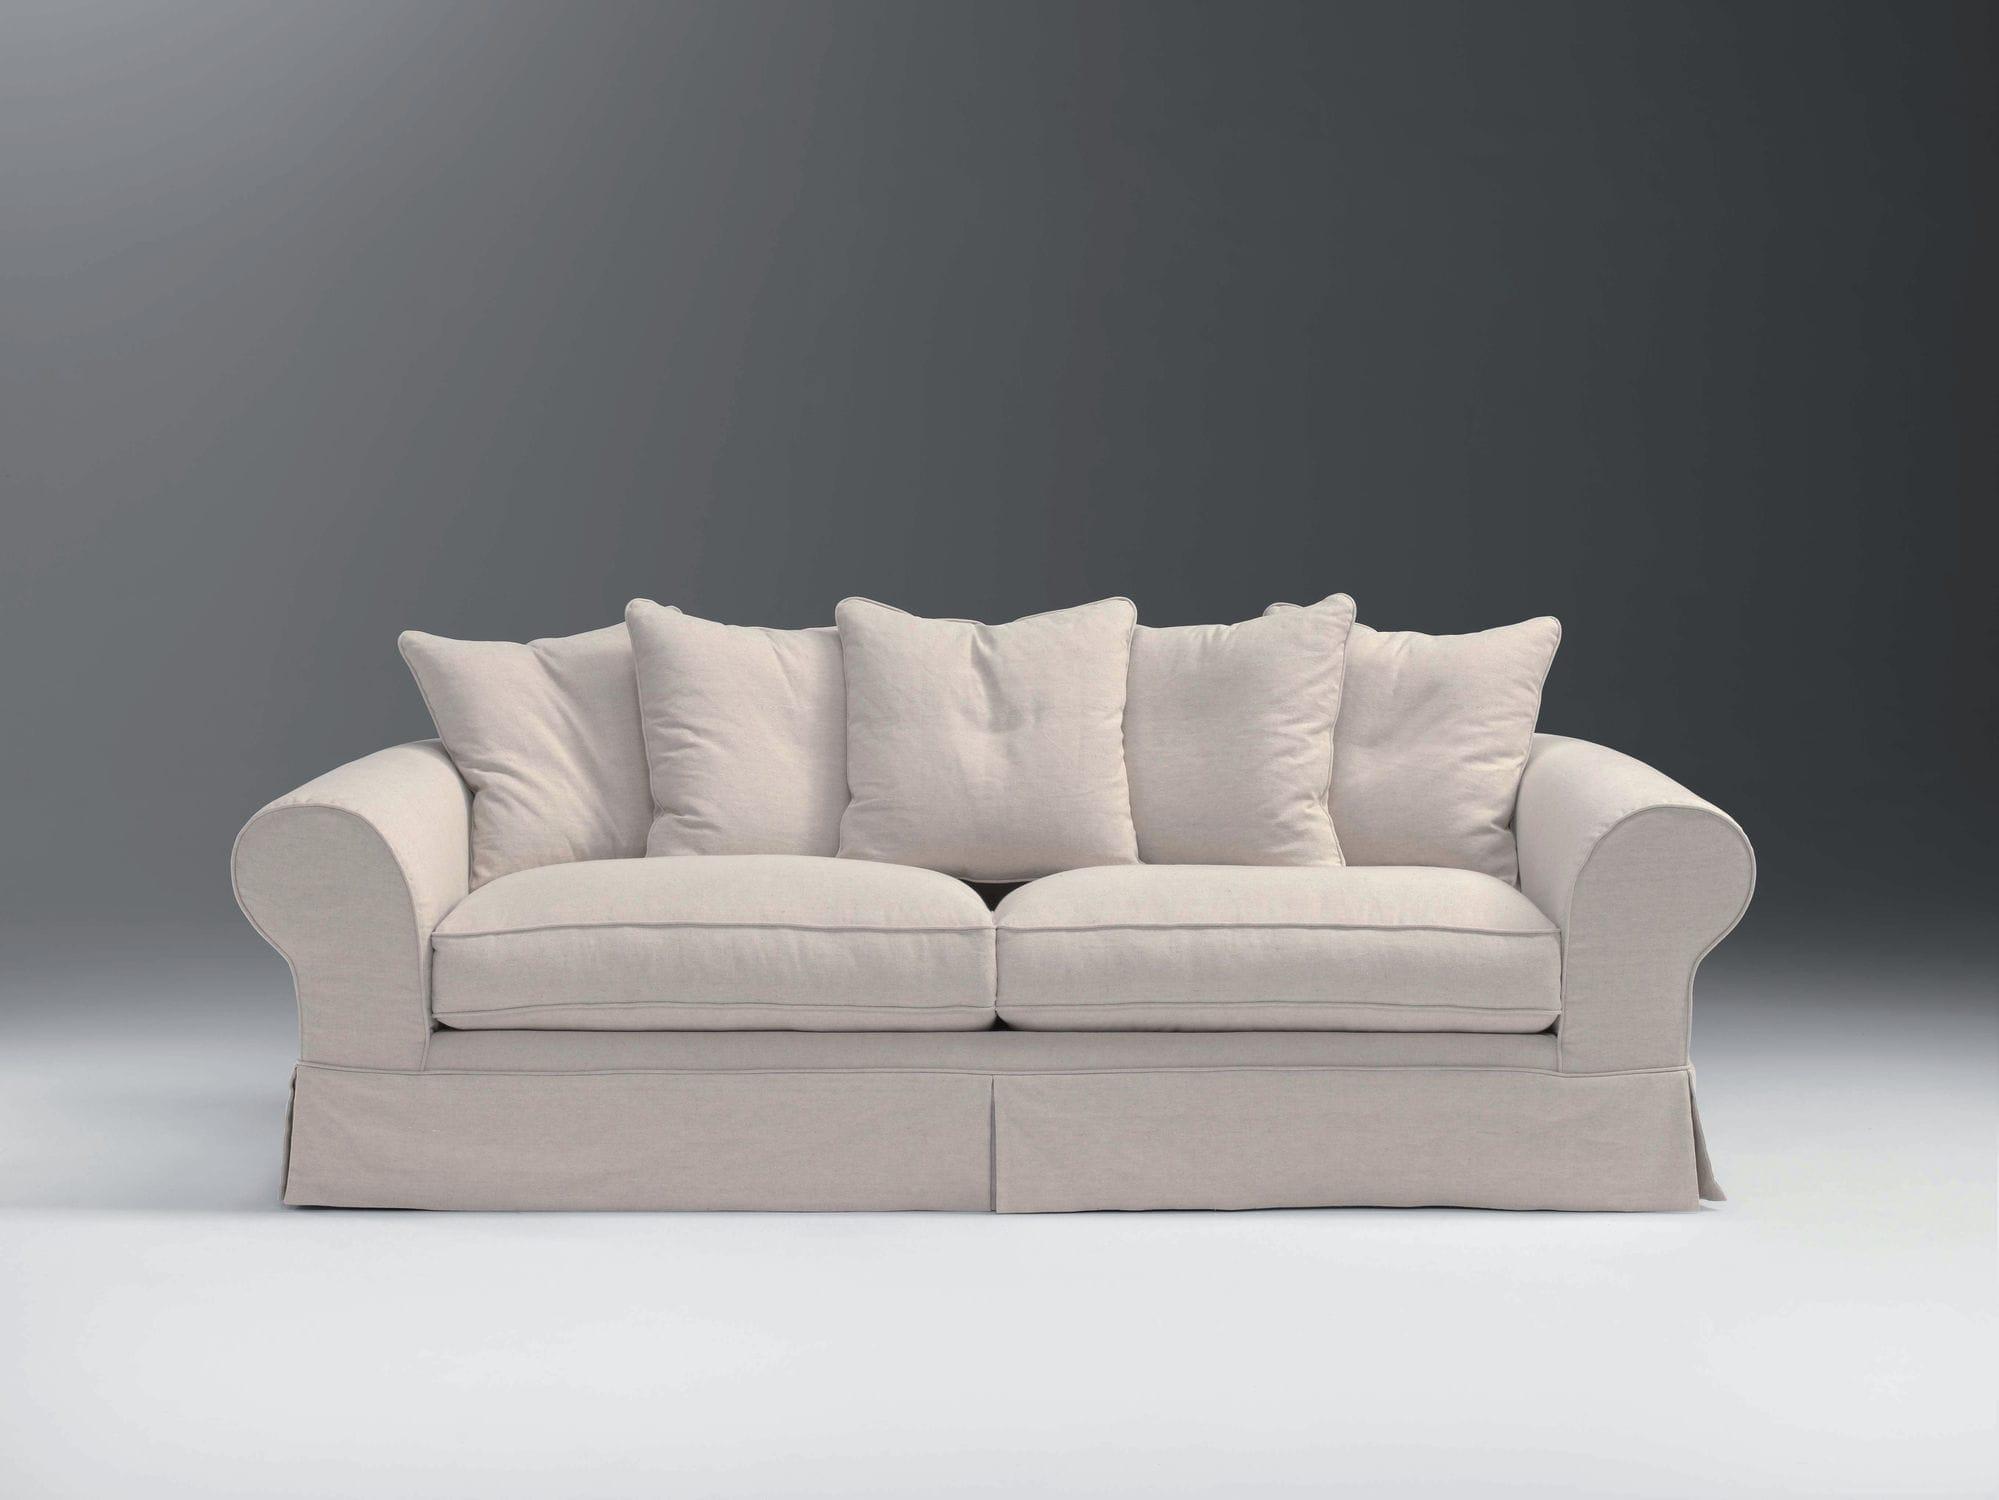 Canapé Classique En Tissu Places Gris MAURICE APULIA - Canapé classique